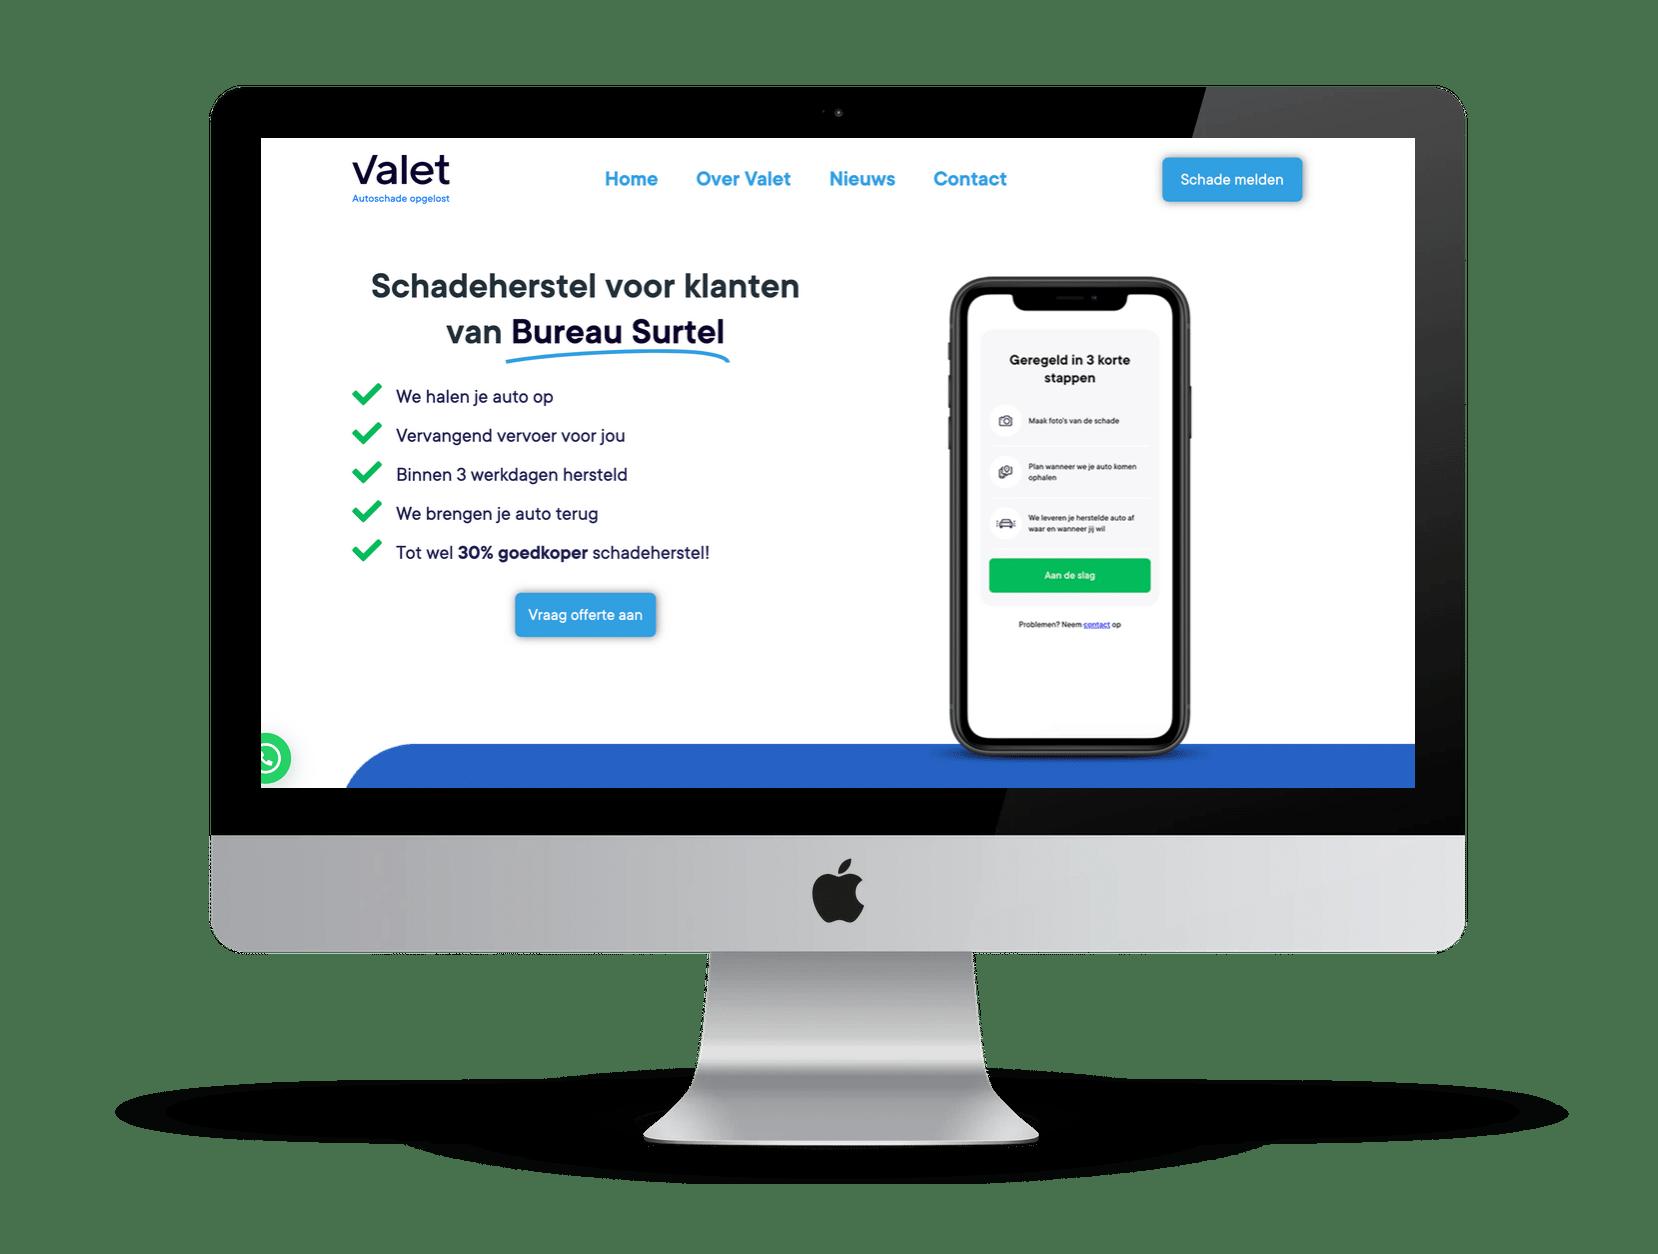 Valet intermediairs - Surtel desktop